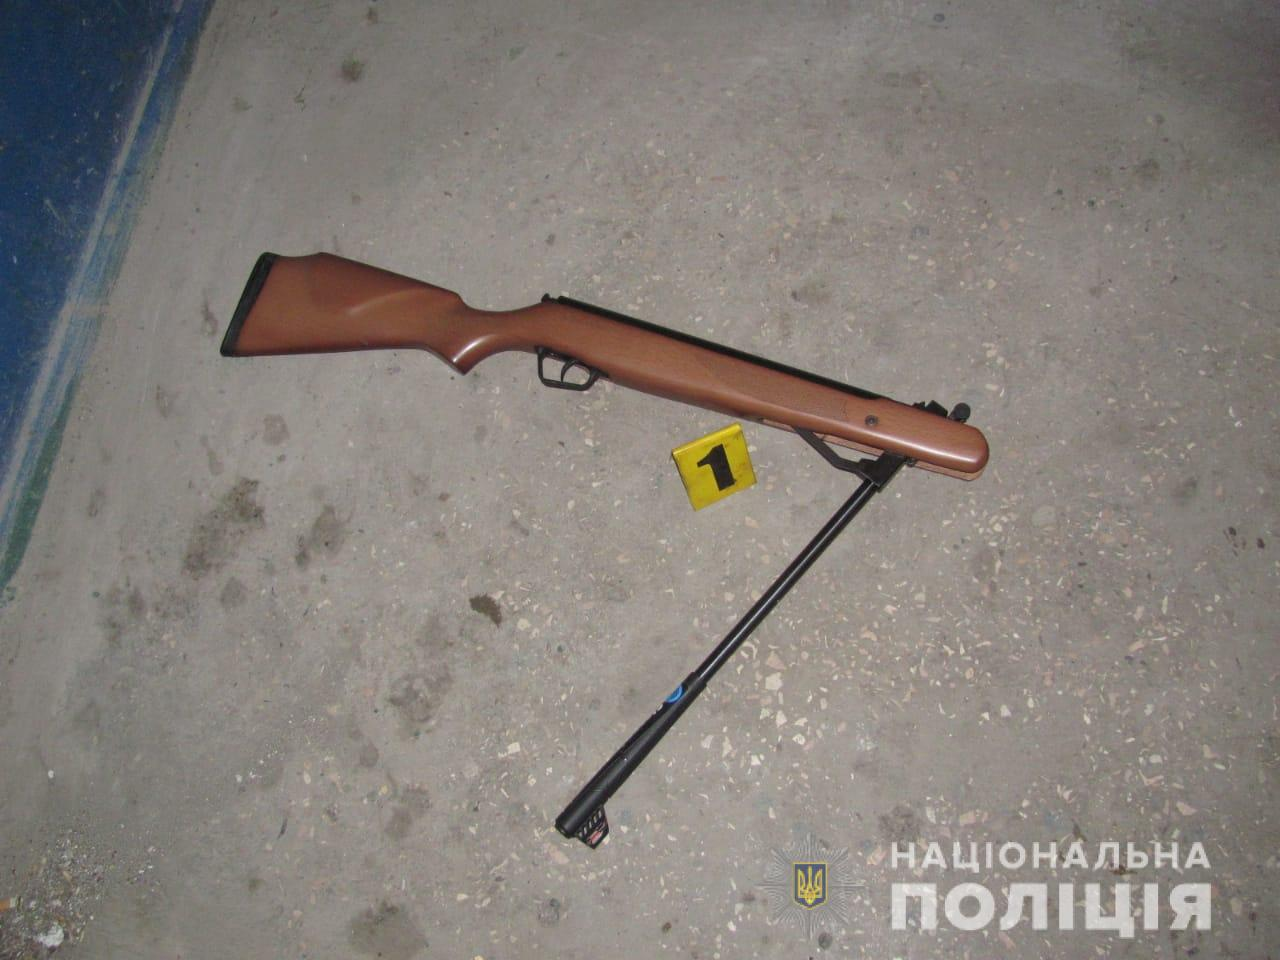 Винтовка, из которой мужчина выстрелил в сторону полицейского